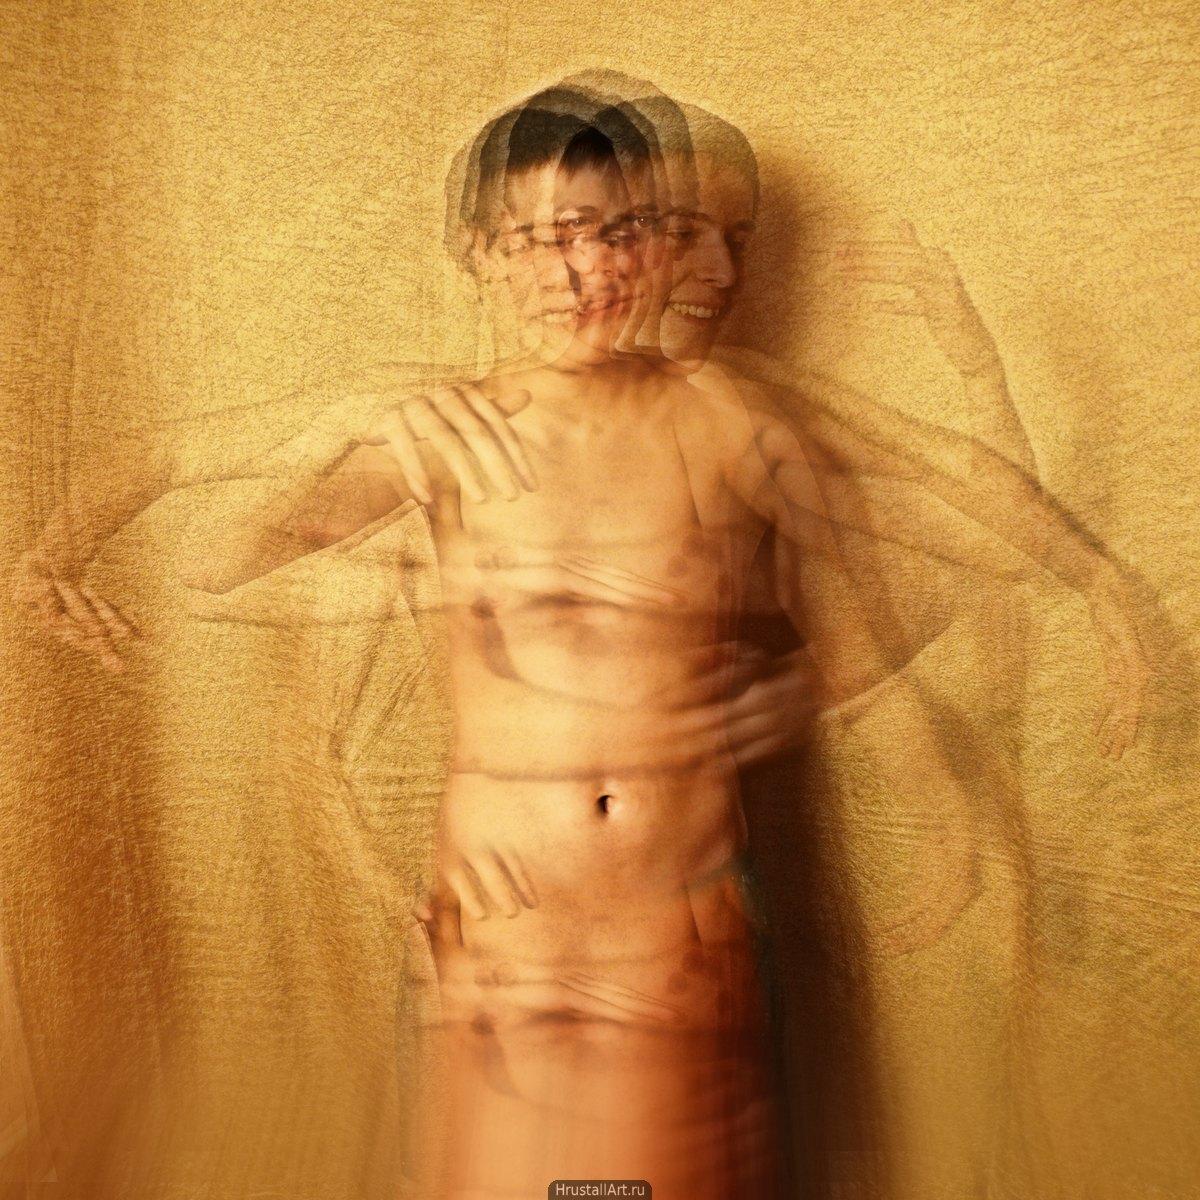 Фотография, многослойный кадр танцующего парня, руки и голова в движении, а пупок застыл.